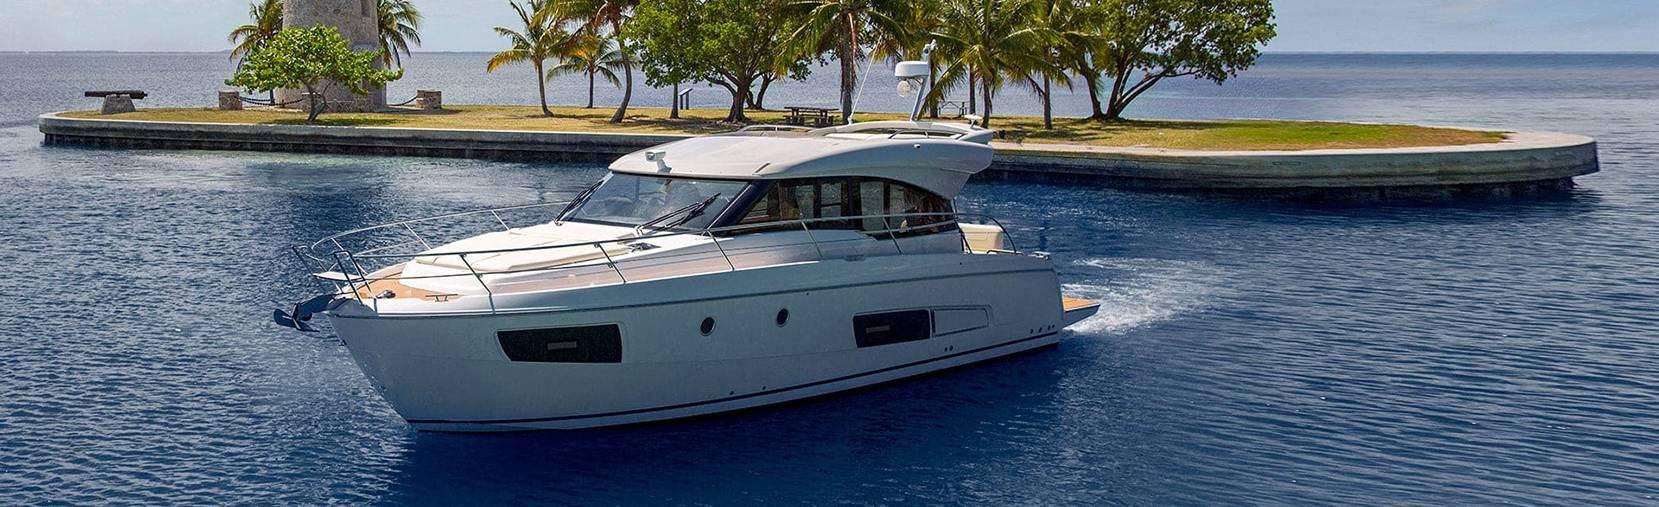 Bavaria Virtess 420 boat